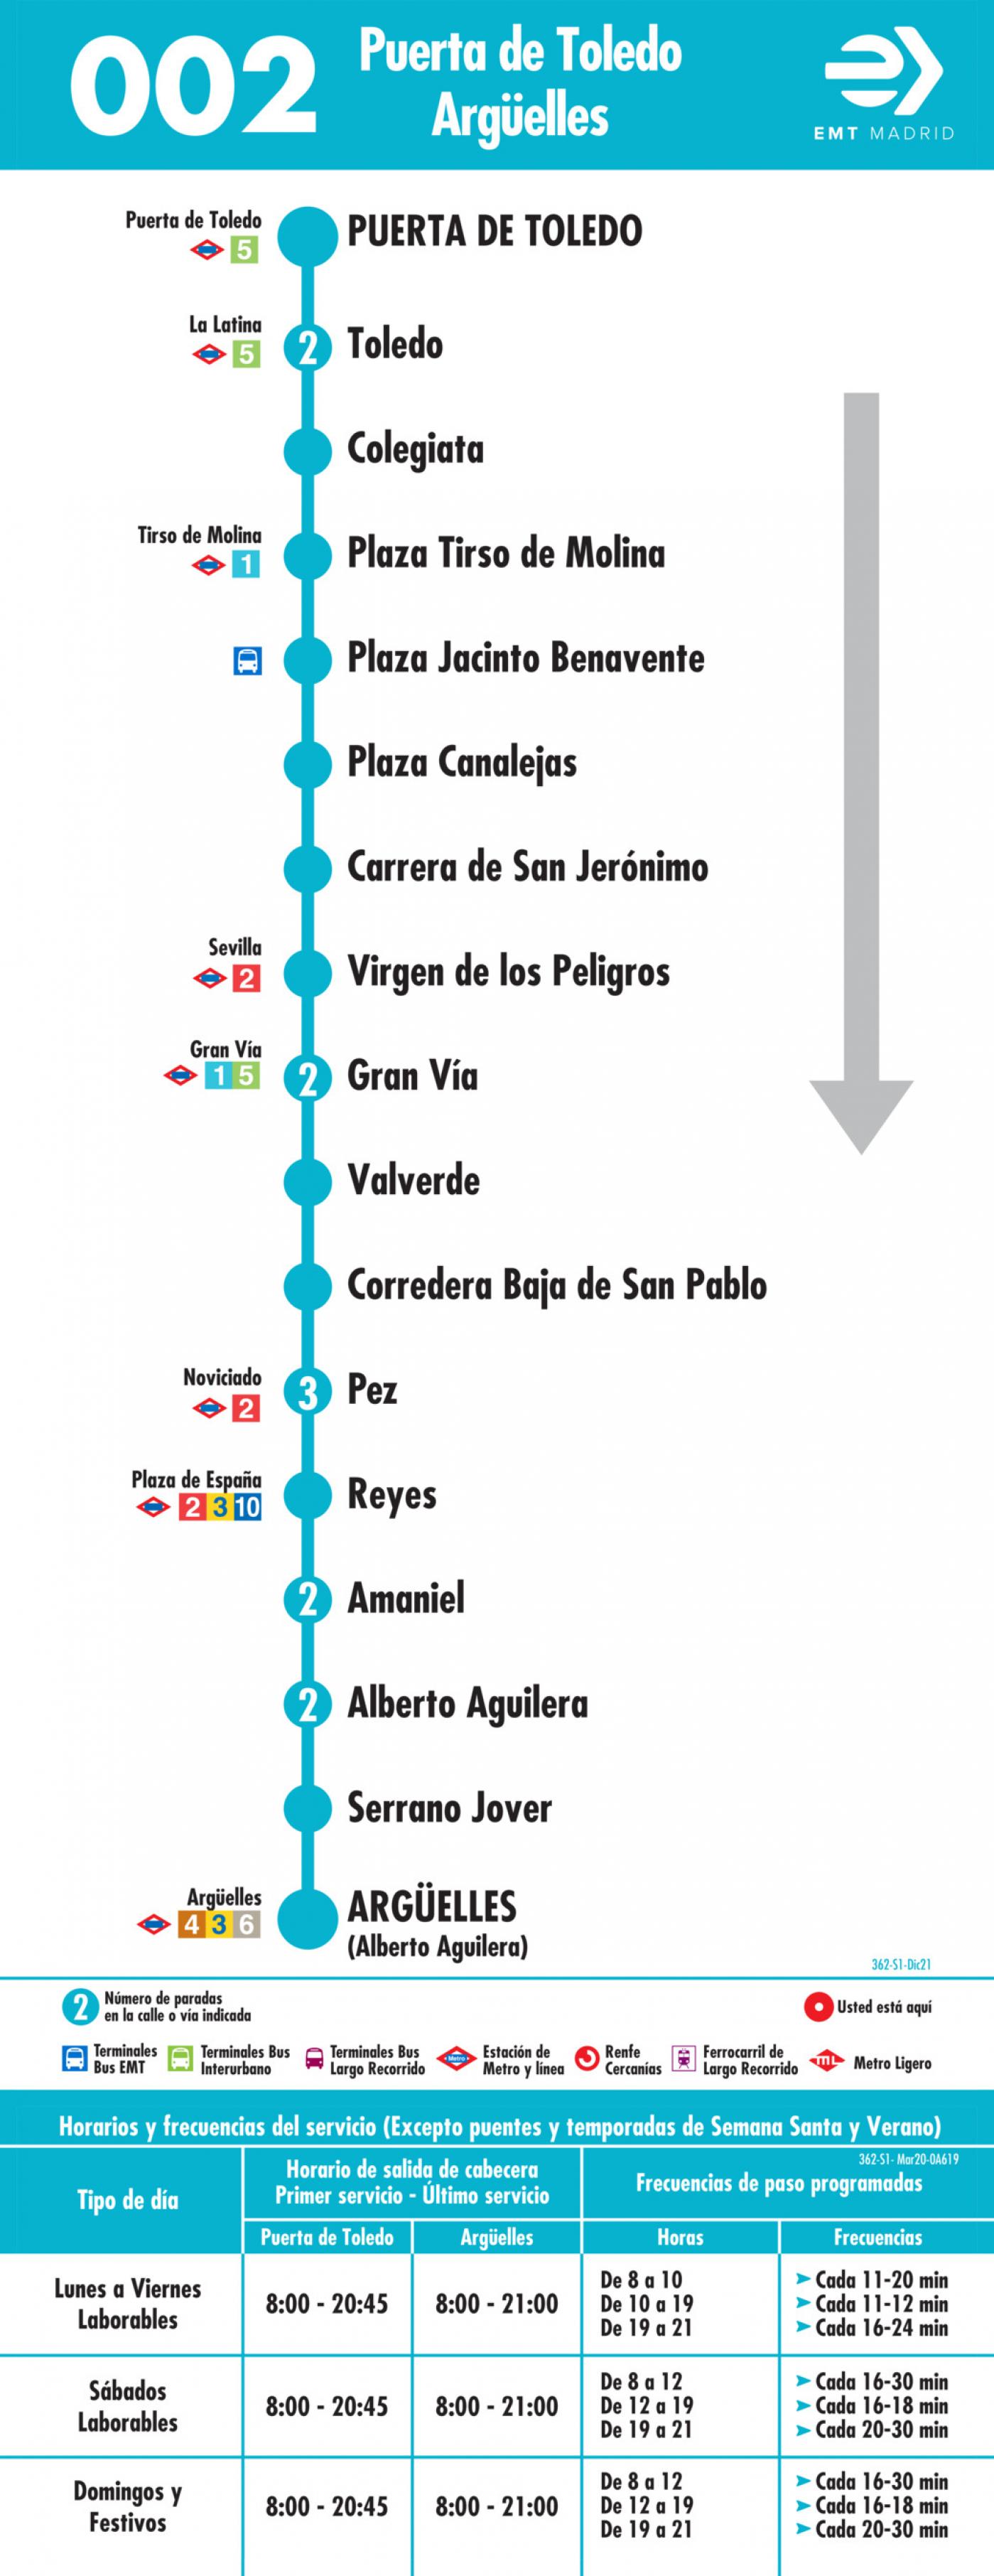 Tabla de horarios y frecuencias de paso en sentido ida Línea 002: Puerta de Toledo - Argüelles